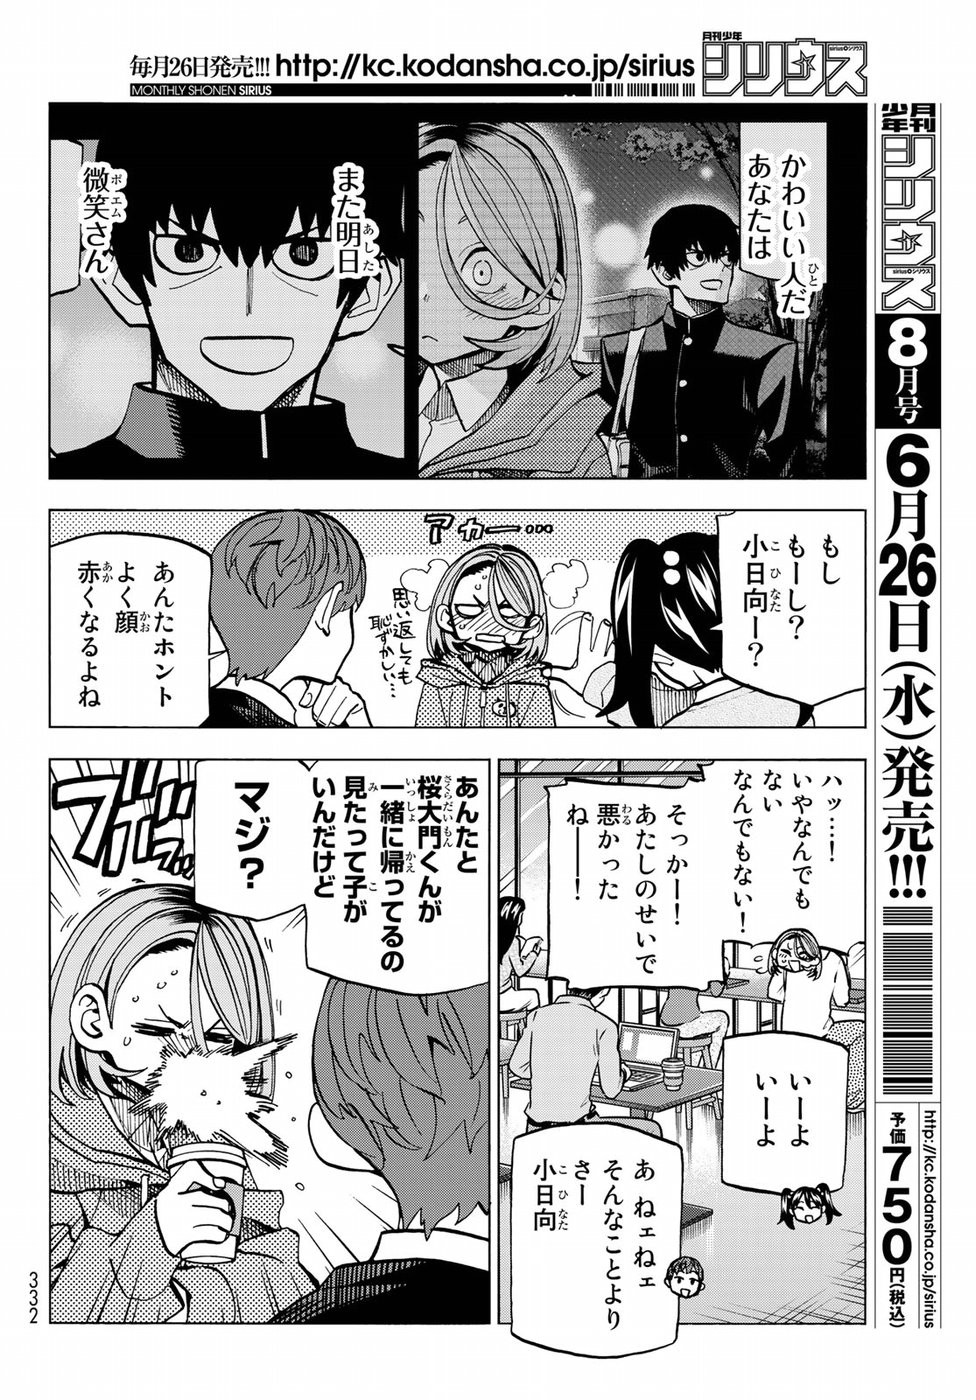 Ponkotsu-Fuukiin-to-Skirt-Take-ga-Futekisetsu-na-JK-no-Hanashi - Chapter 003 - Page 2